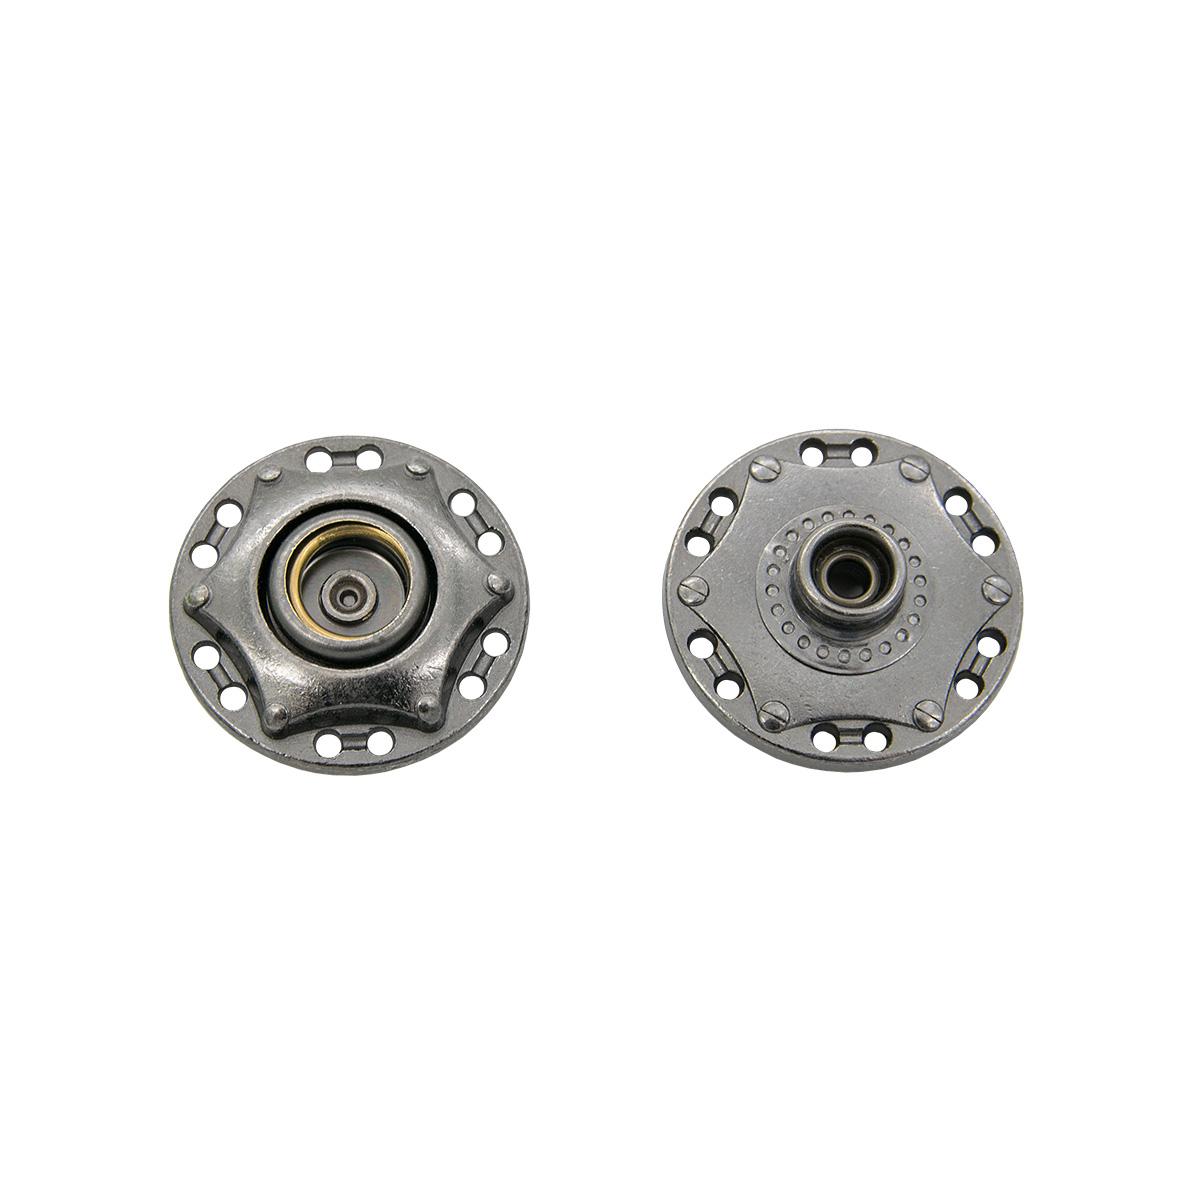 Кнопка пришивная 63884, d=24 мм, черный никель, упаковка 4 шт., Hobby&Pro